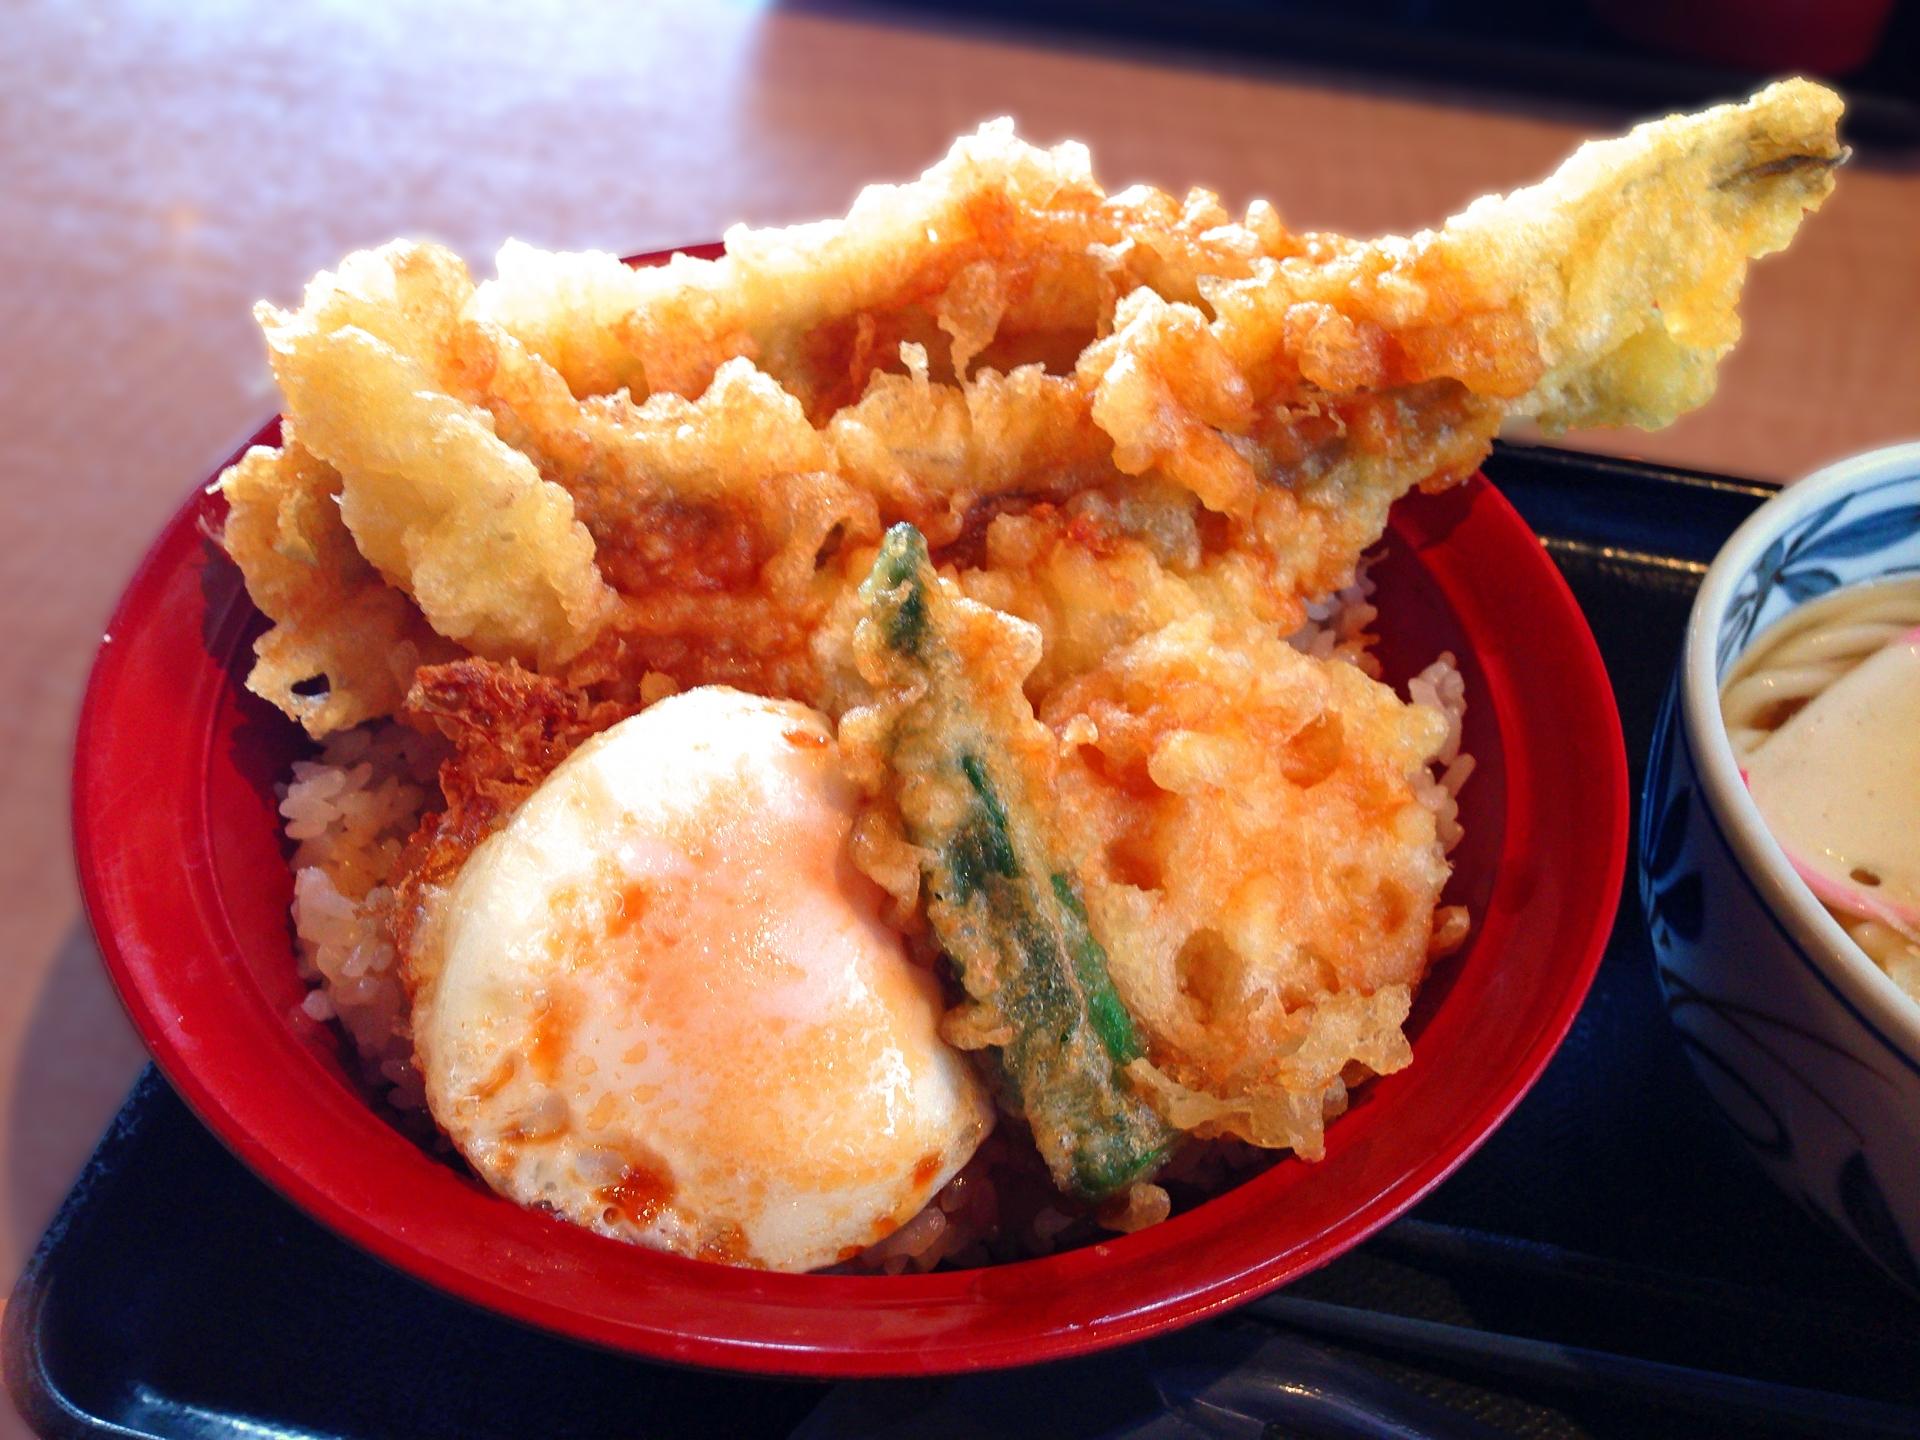 京都の天丼人気店!ランチにおすすめの有名所や安いお店も紹介!